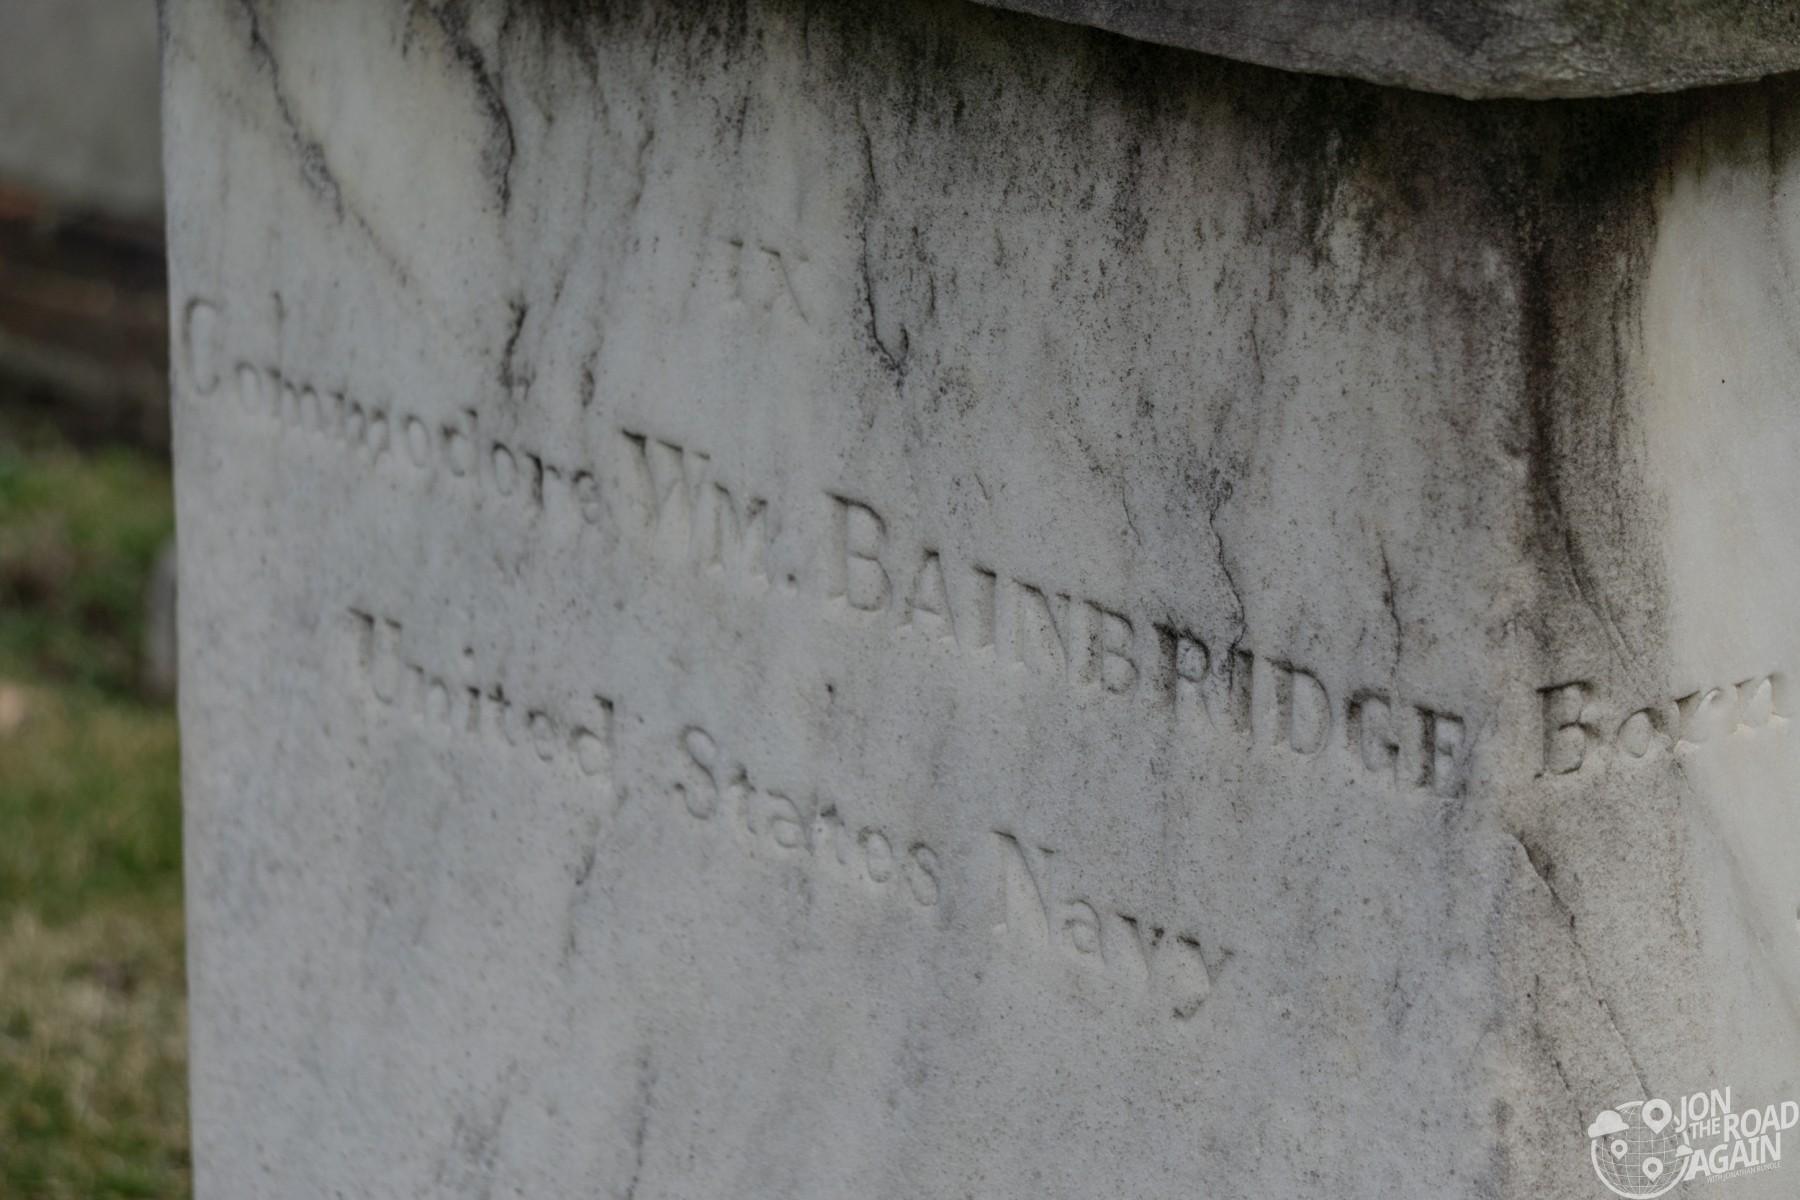 William Bainbridge Grave